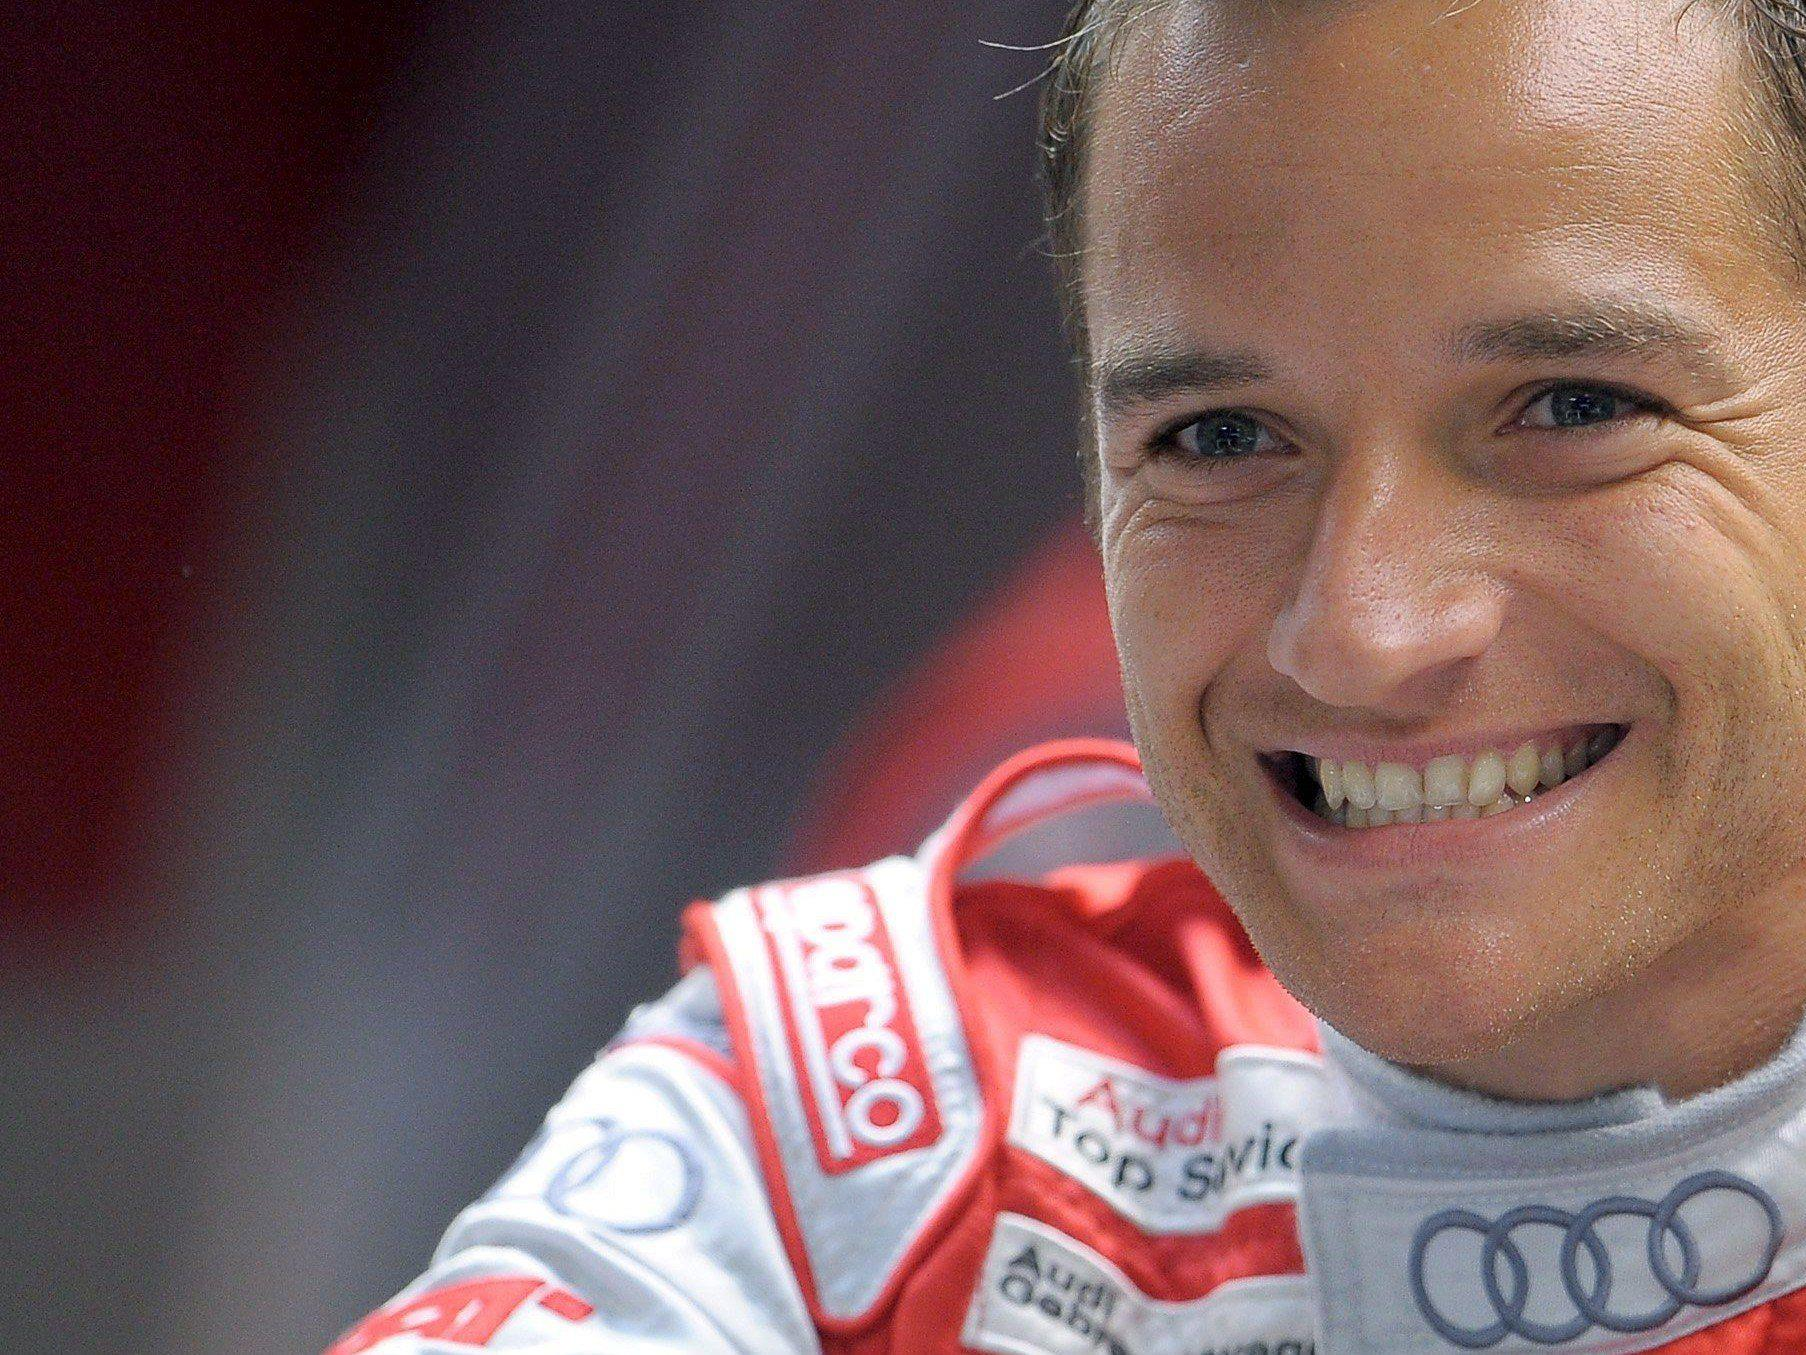 Timo Scheider zofft sich in der DTM mit Pascal Wehrlein.